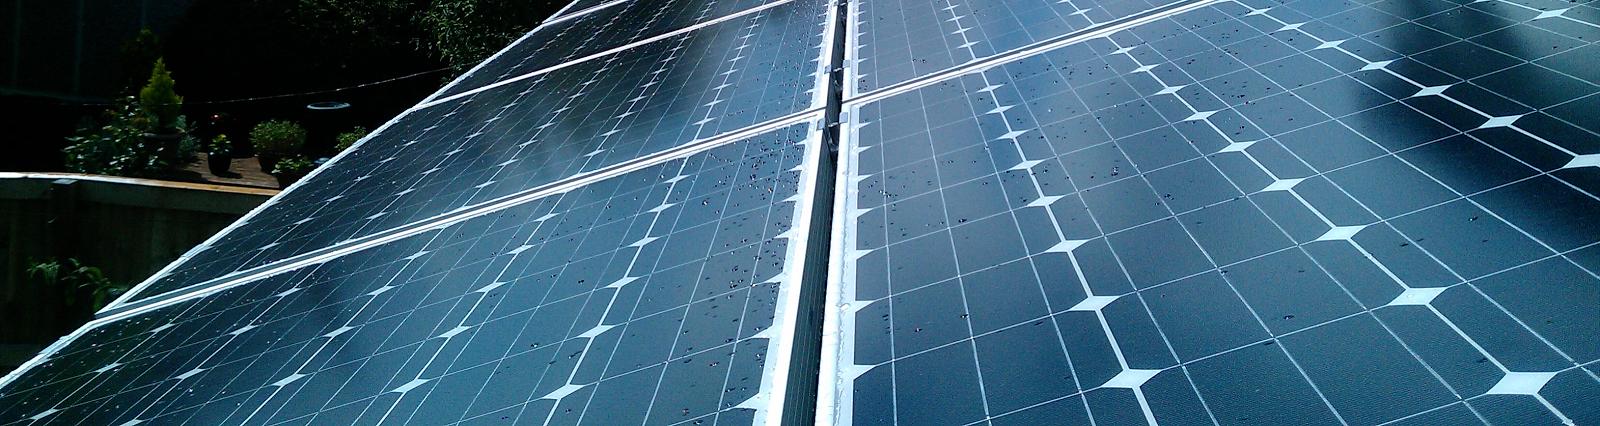 Solar PV Installations